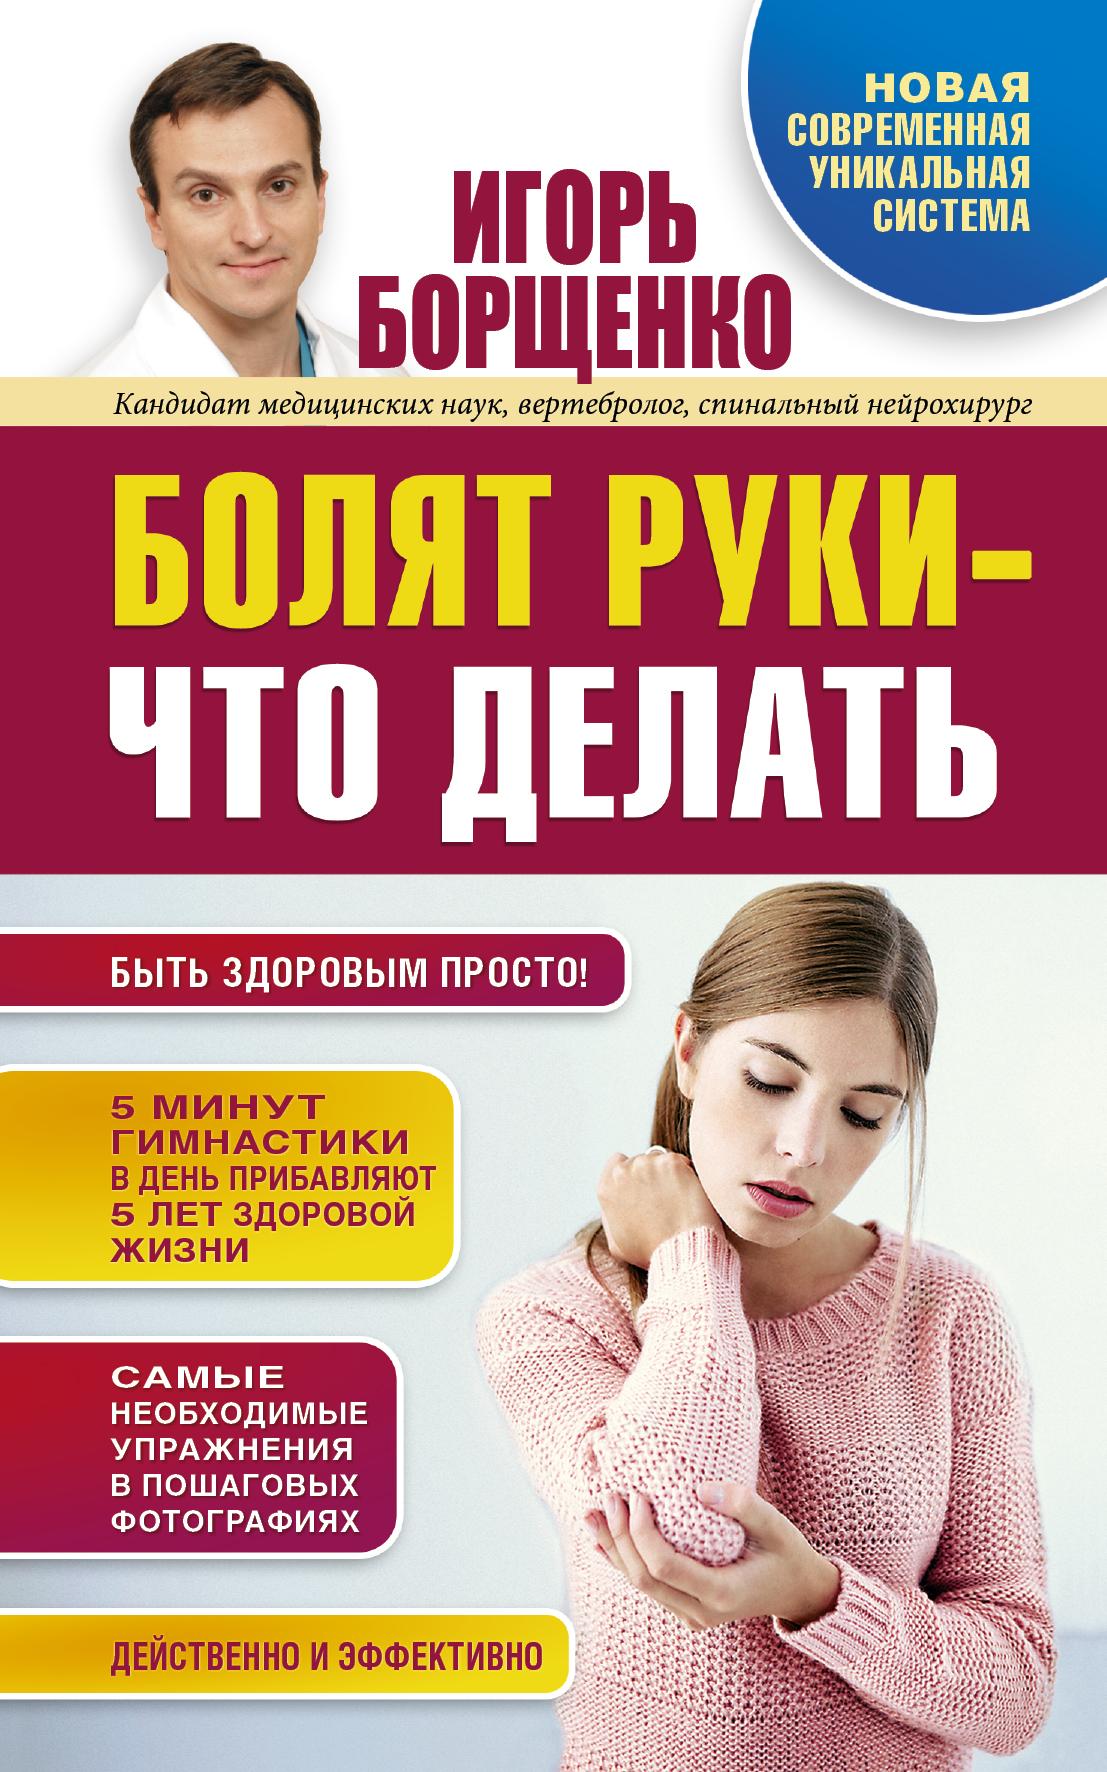 Борщенко И.А. Болят руки - что делать игорь борщенко поясница без боли уникальный изометрический тренинг